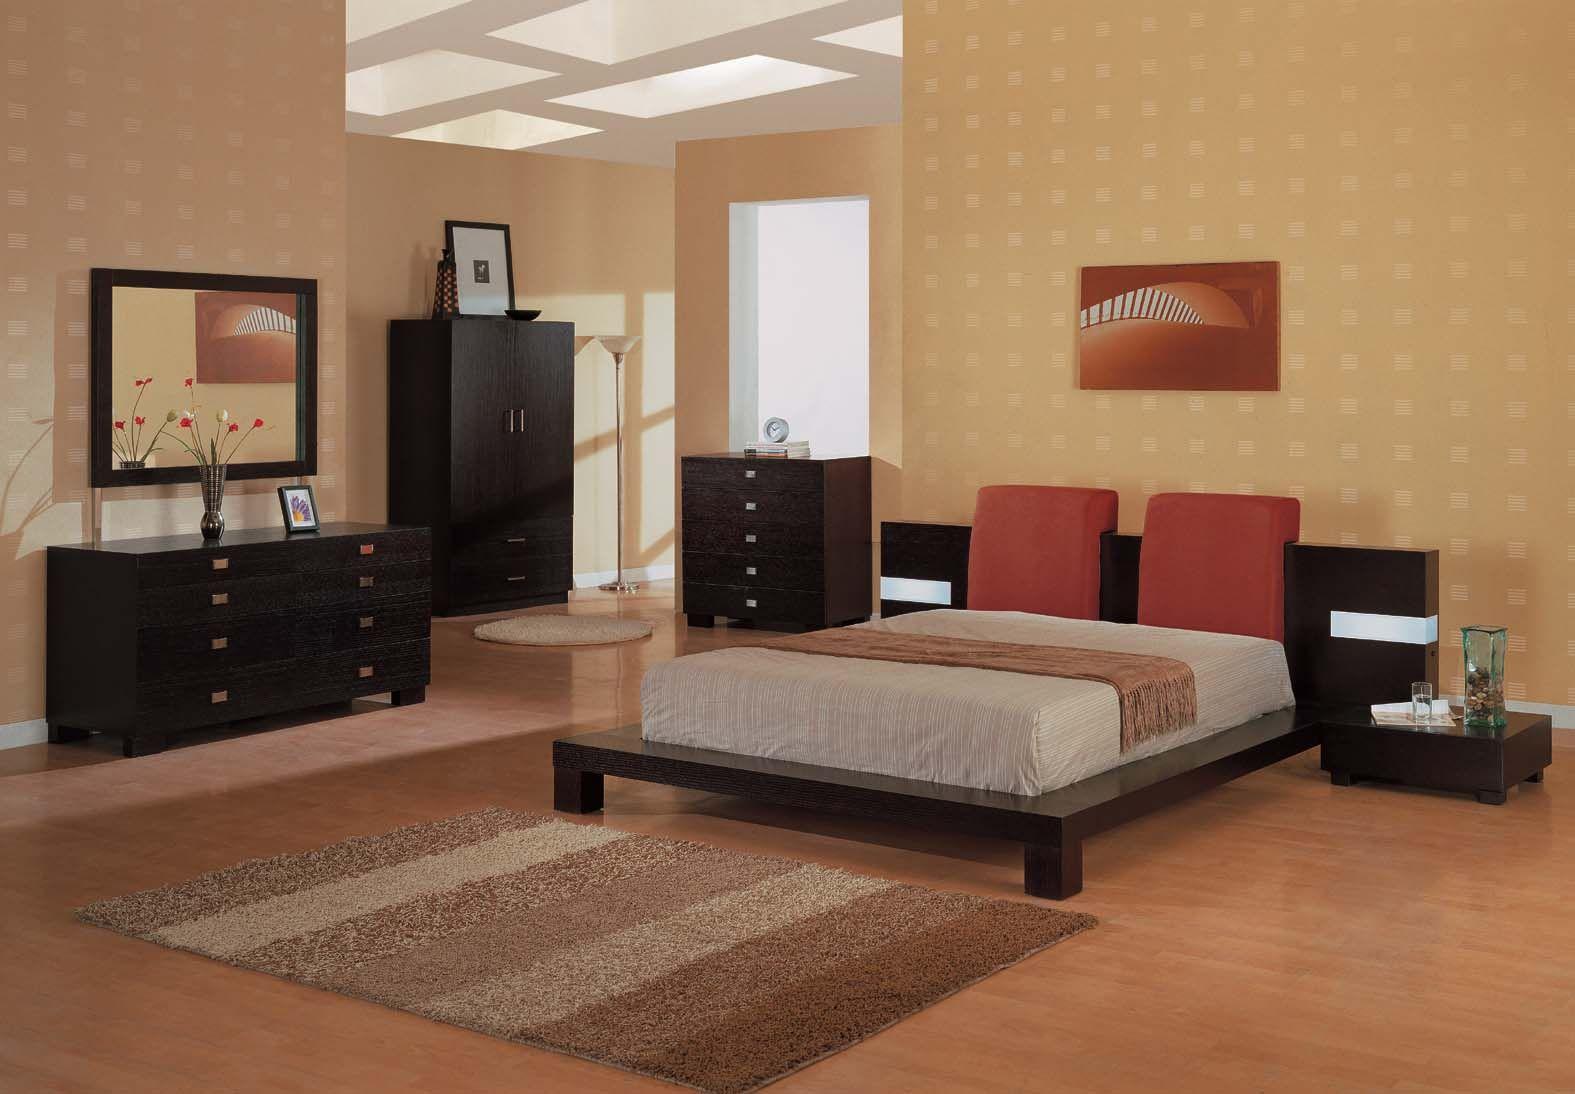 Schon Fantastische Schlafzimmer Möbel Design Innenraum Ideen Möbel Derzeit Eine  Letzte Schicht Der Versiegelung, Lack,